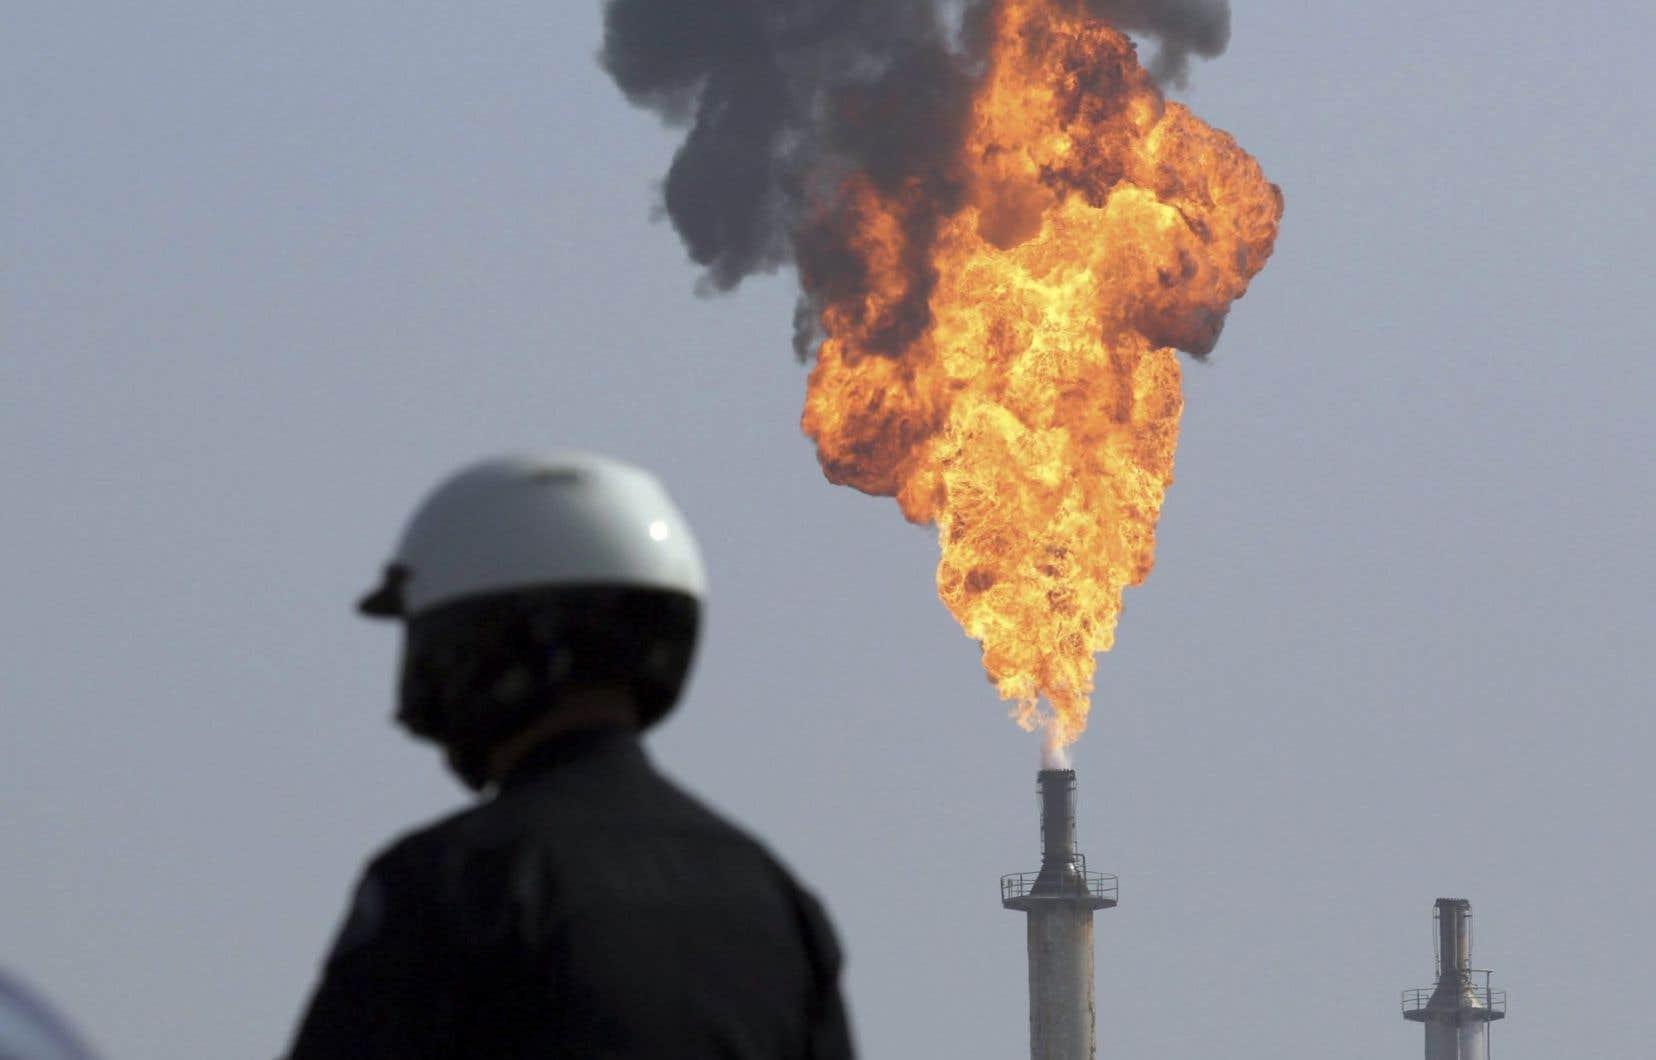 Les industriels avancent des «progrès technologiques» pour réduire leurs impacts, par l'intermédiaire de la capture et du stockage du CO2 ou des biocarburants.